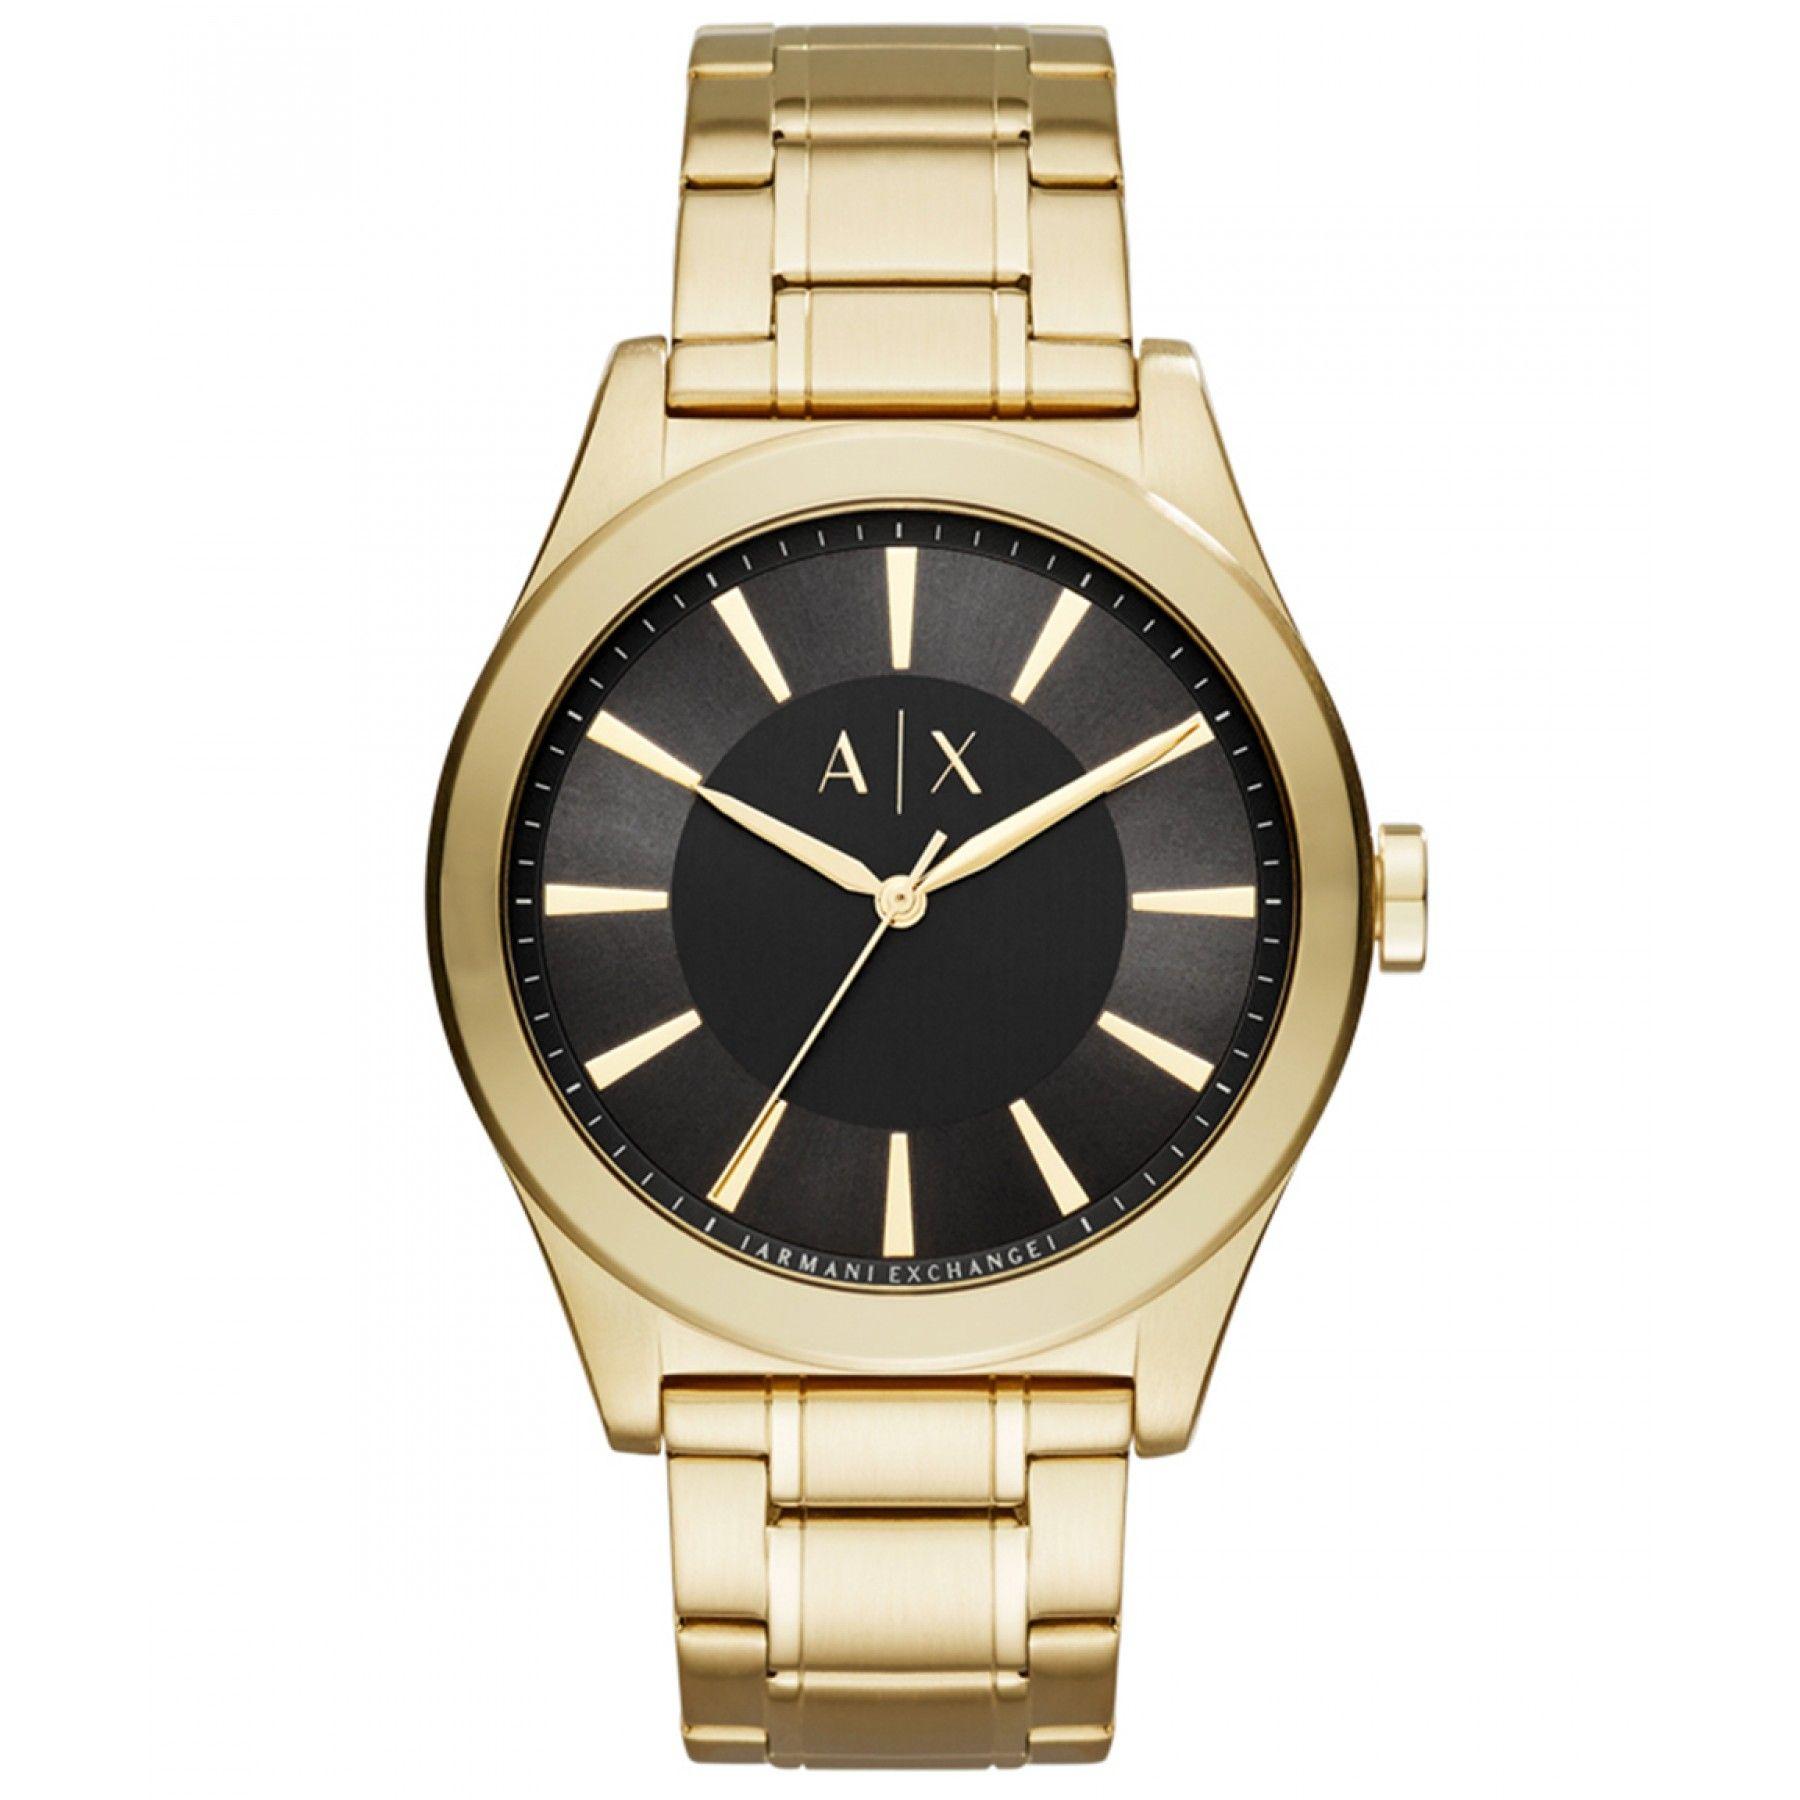 03bb2f3429d Reloj Armani Exchange de caja bisel y extensible tipo brazalete en acero  color dorado  carátula